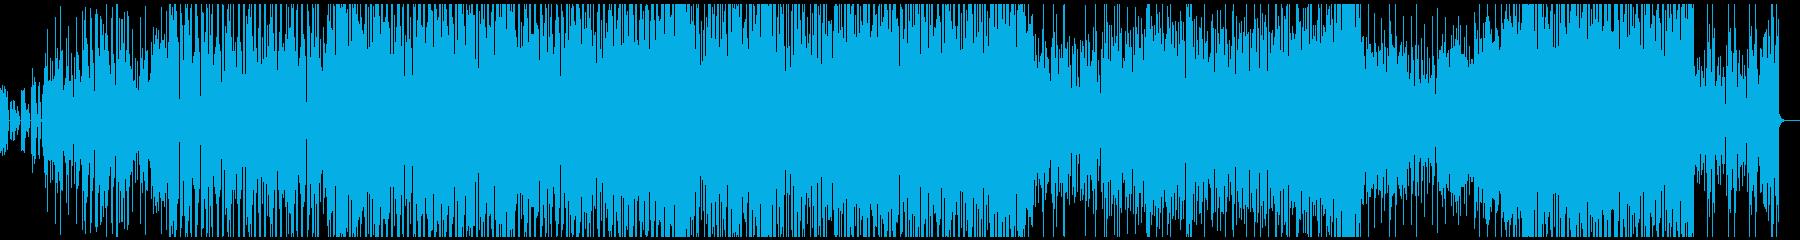 90年代のディスコを思わせるテクノポップの再生済みの波形